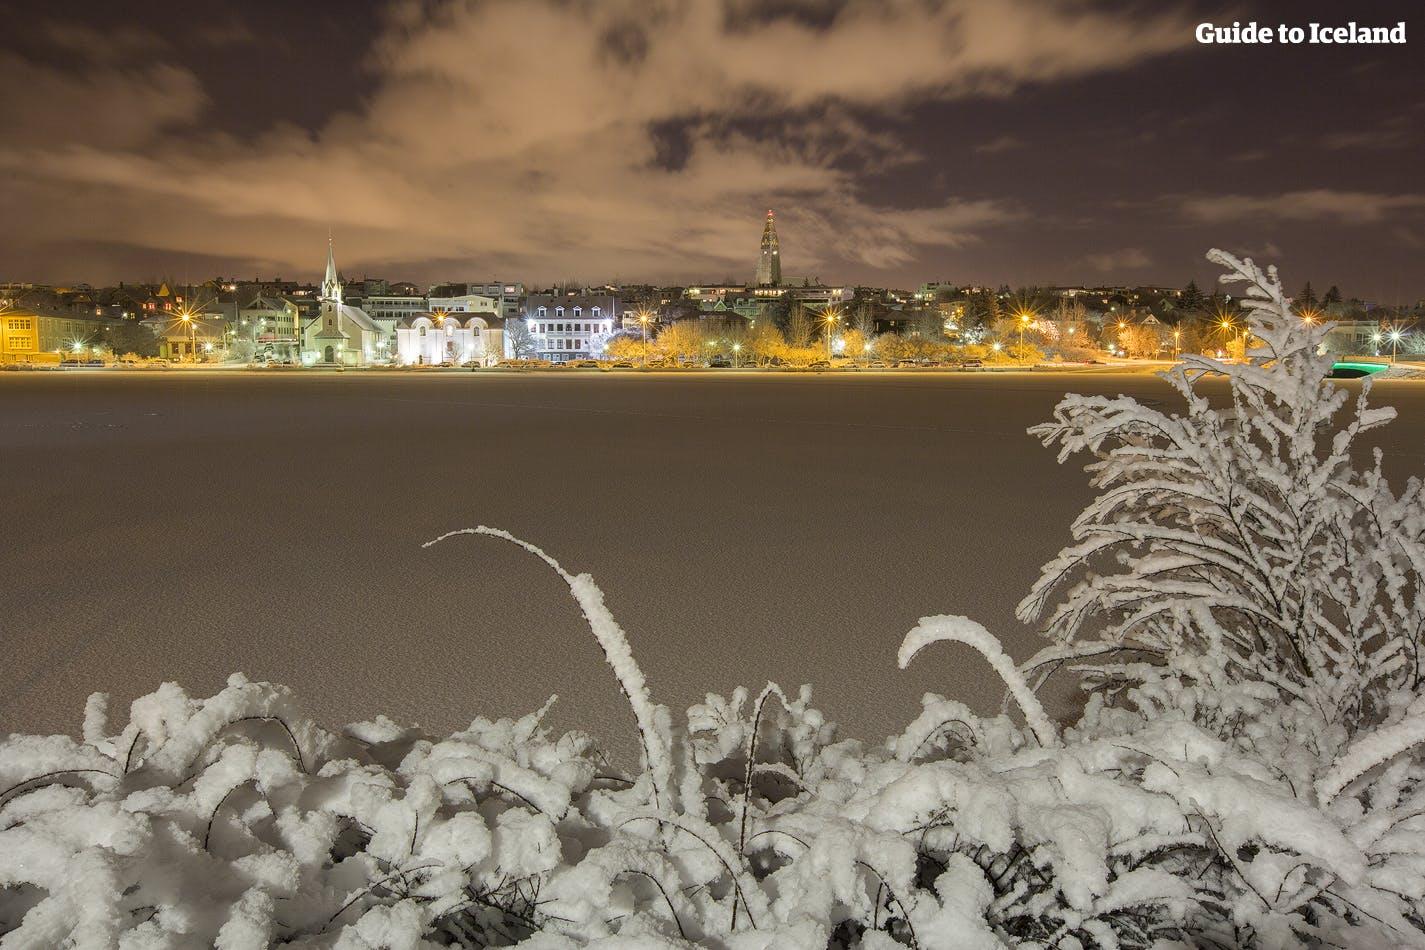 冰岛冬日极夜中,首都雷克雅未克的祥和街景